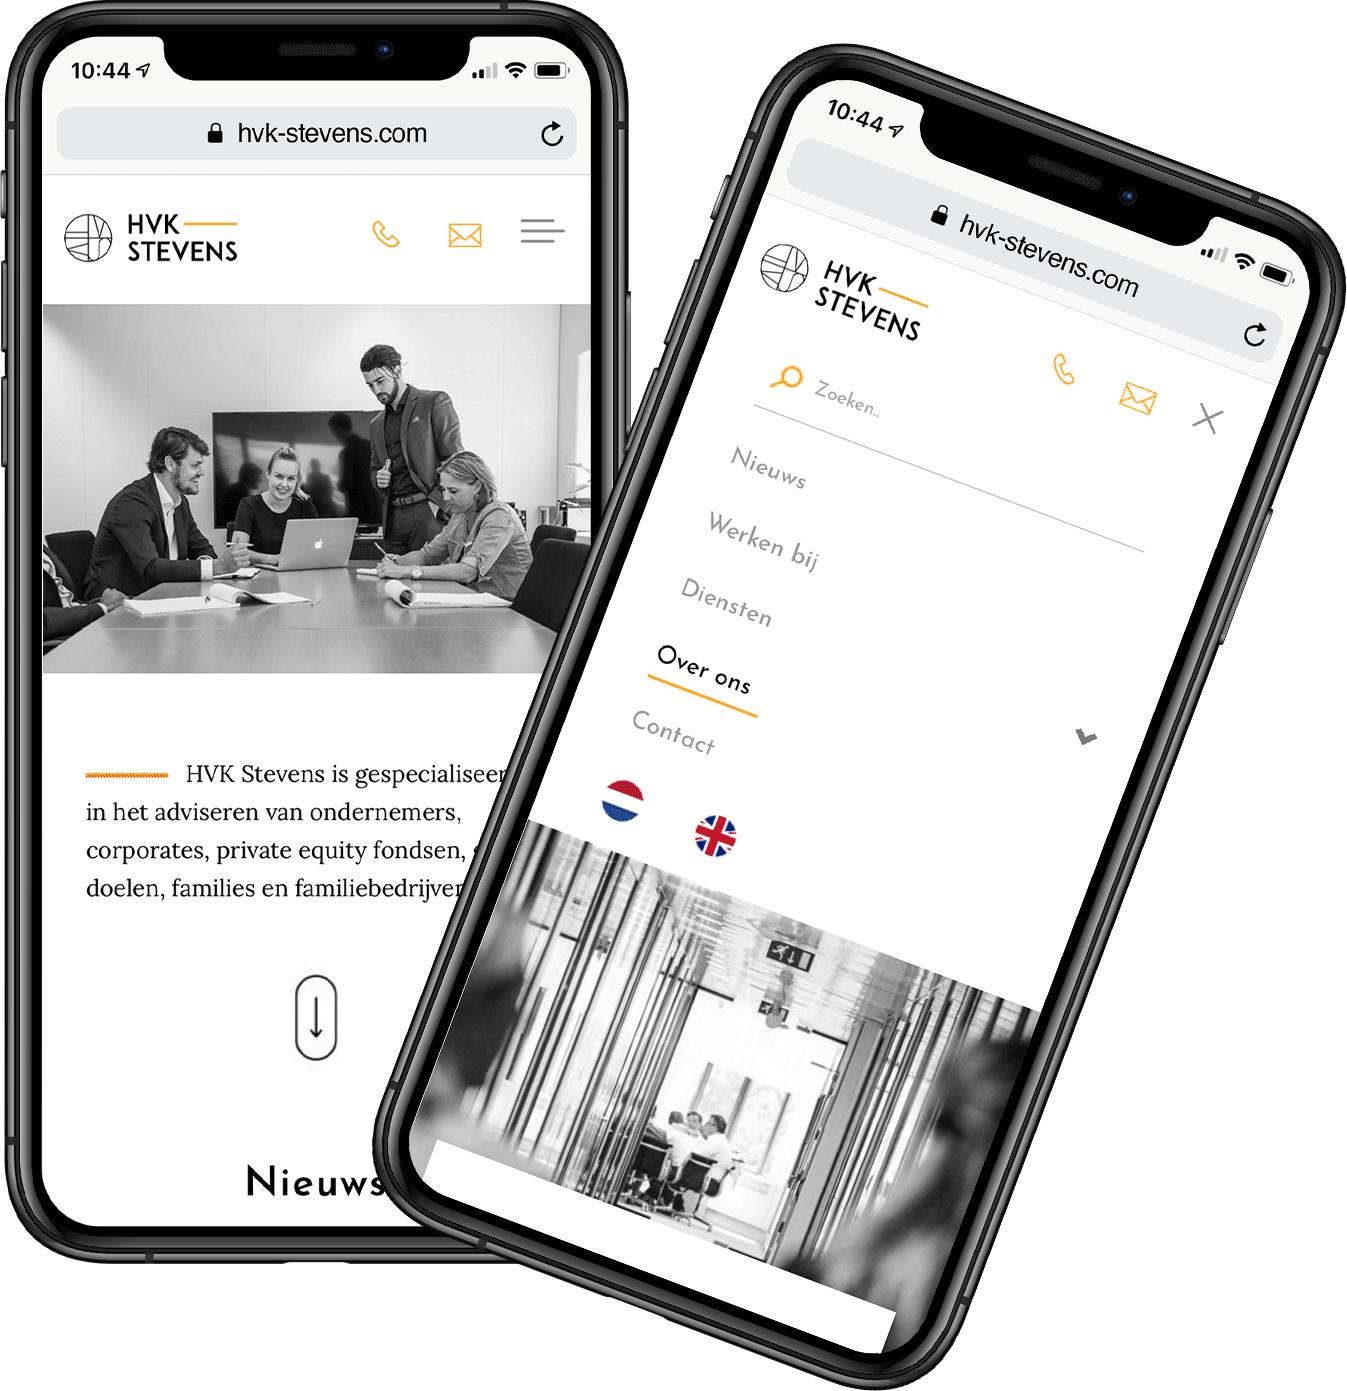 Twee iPhones waar de HVK Stevens website op weergegeven is